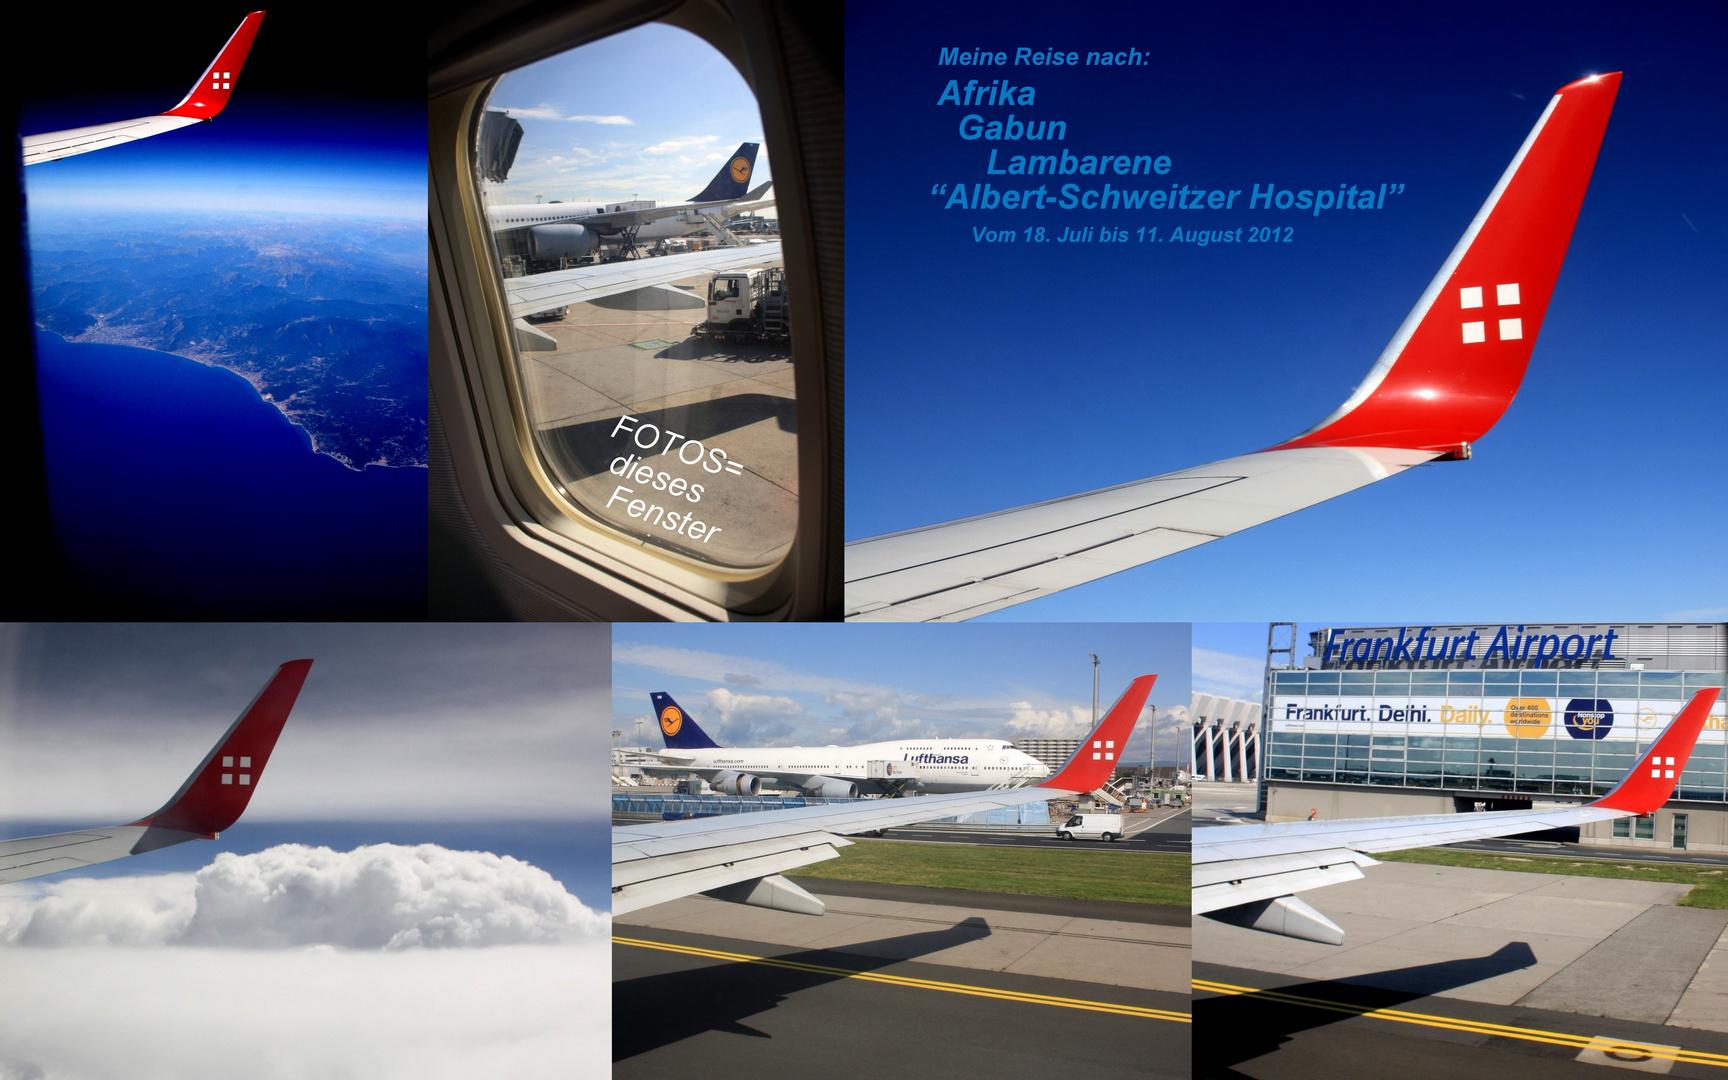 FOTOS vom Flugzeugfenster